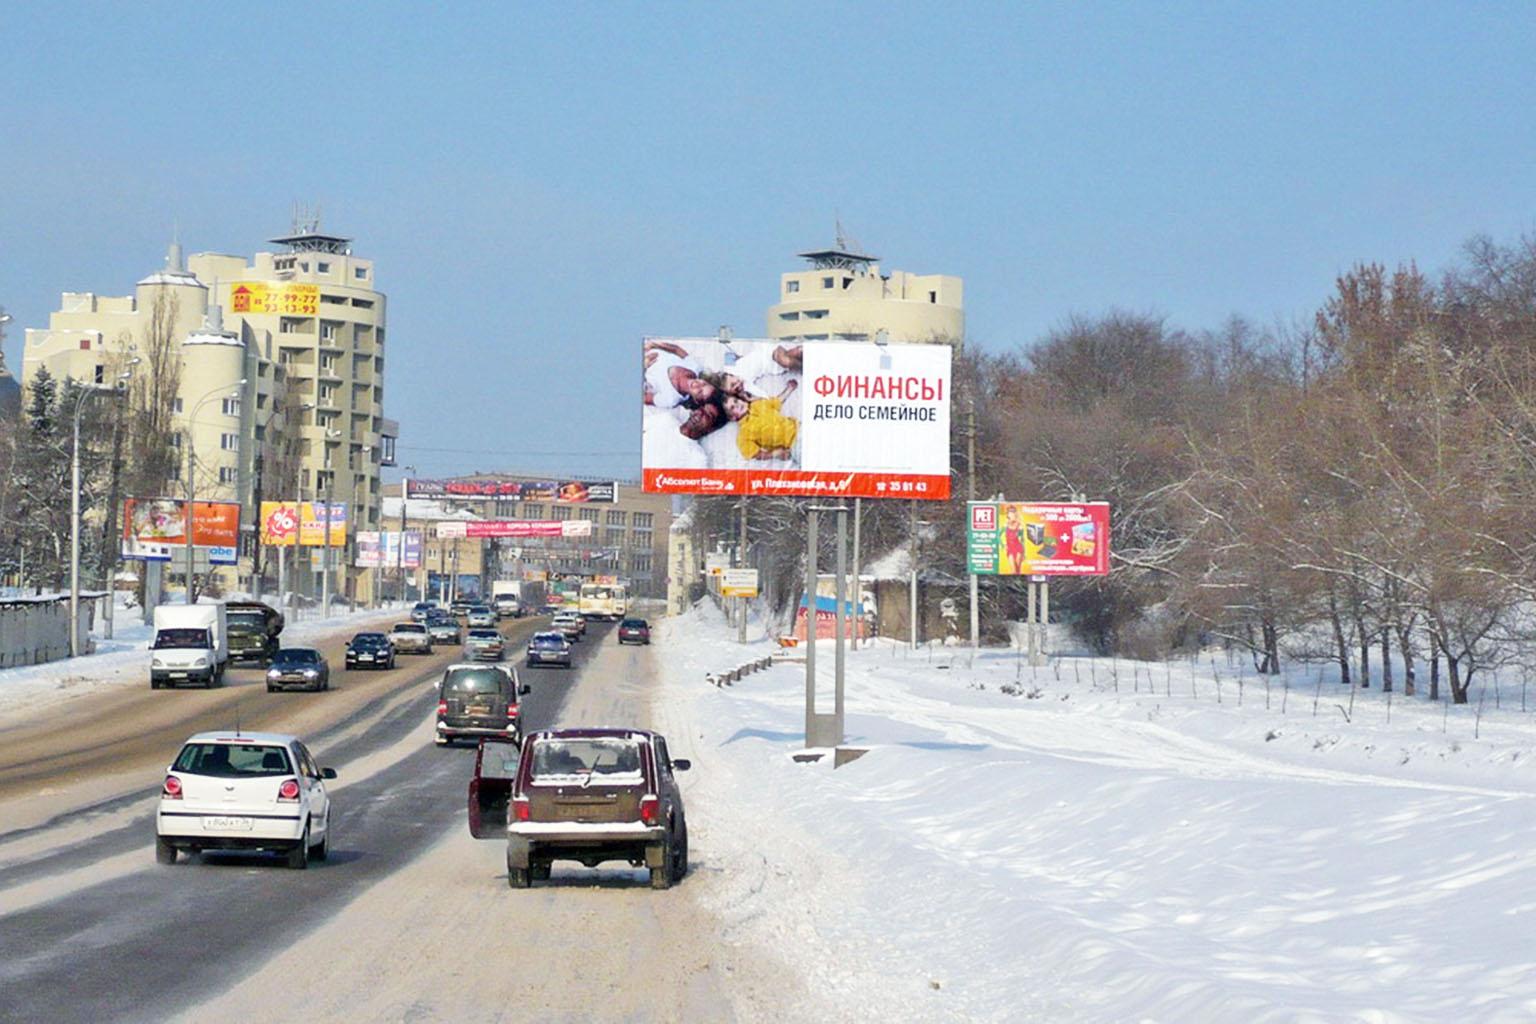 «Финансы - дело семейное!» - билборд ул. Ст. Разина